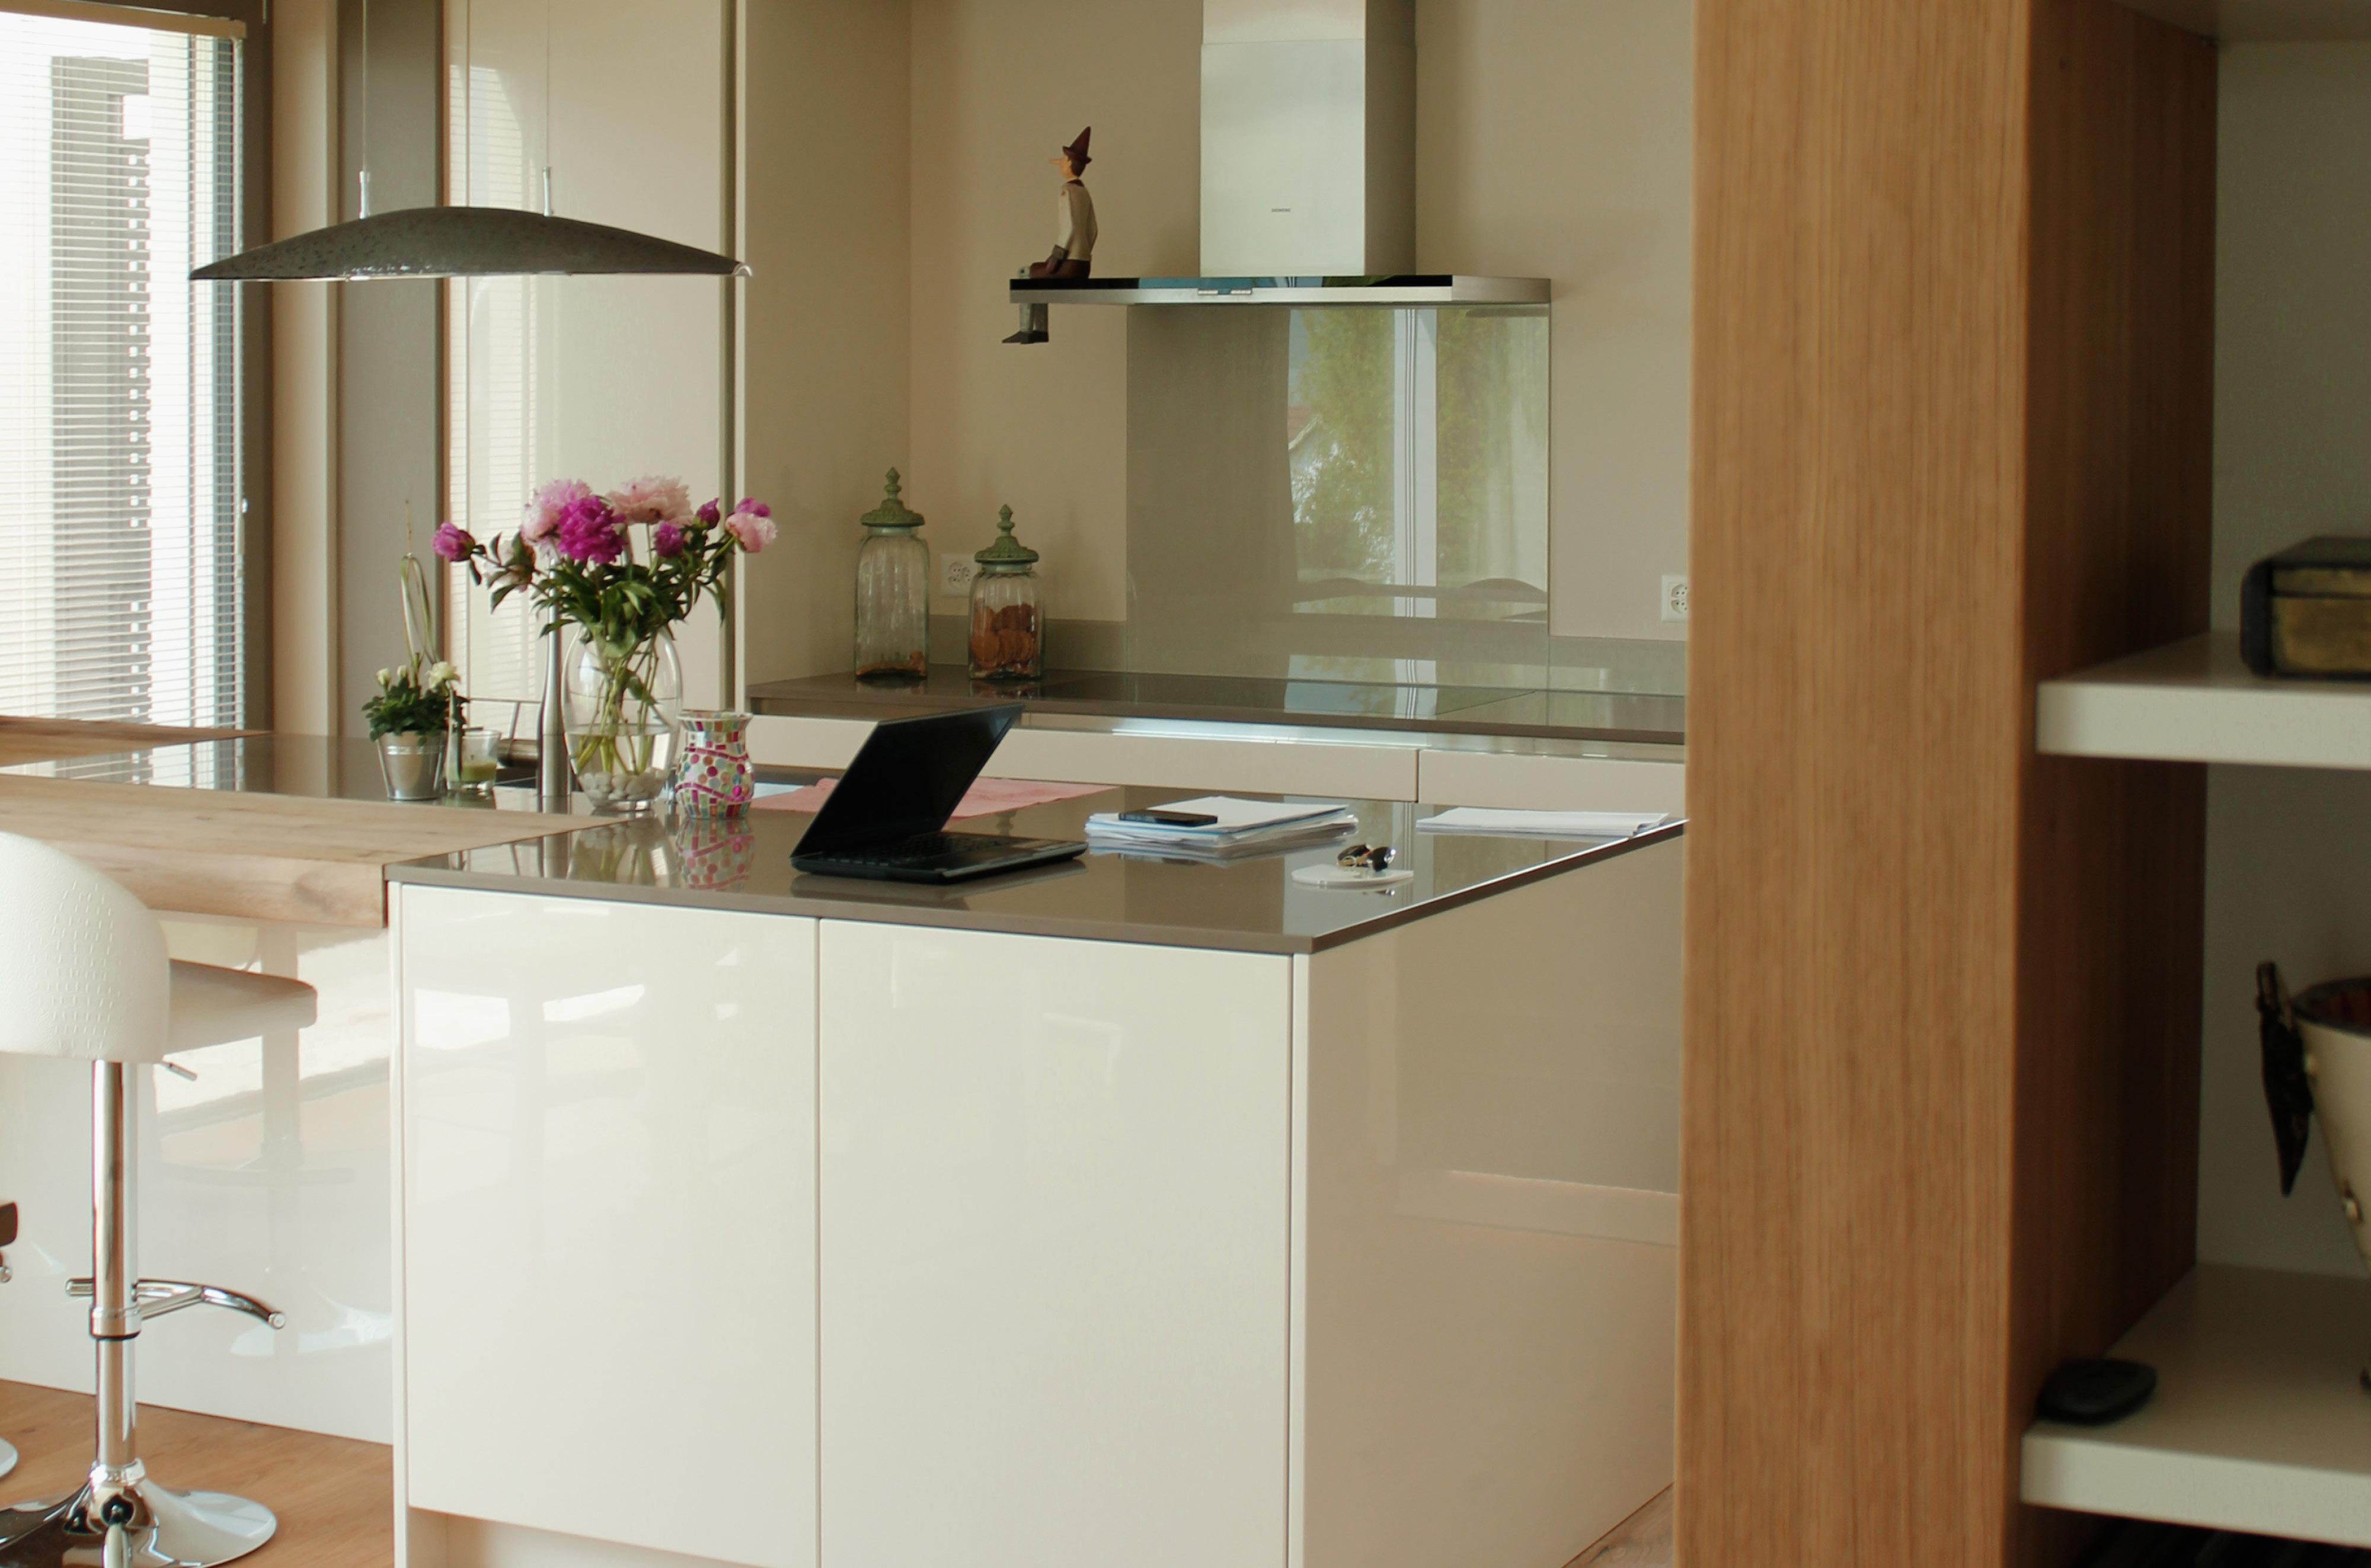 Tischlerei-Decker-Projekte-Wohnung-C-Kueche-Detail